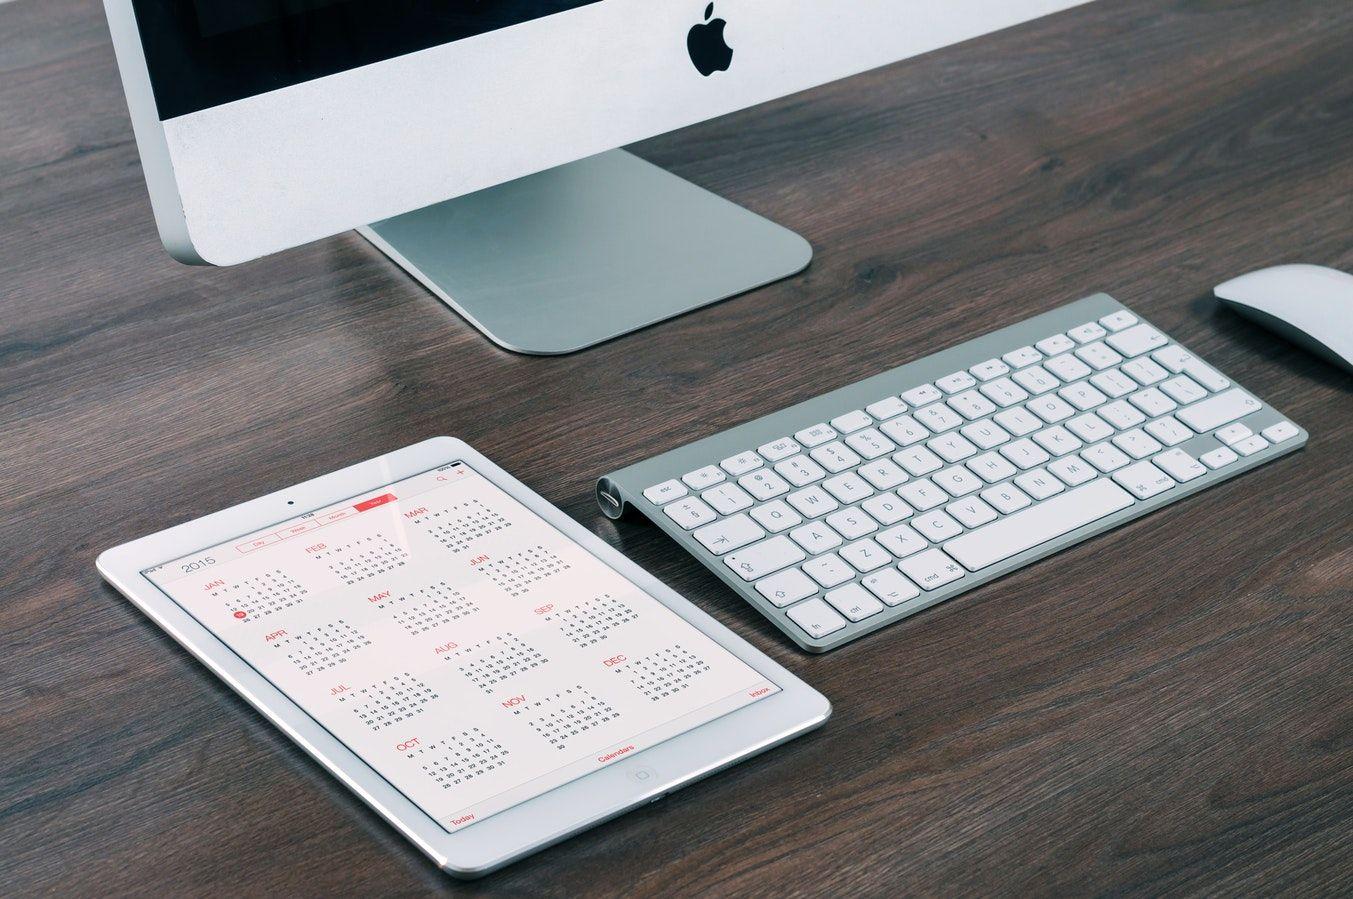 La importancia del desarrollo de apps en las pequeñas y medianas empresas